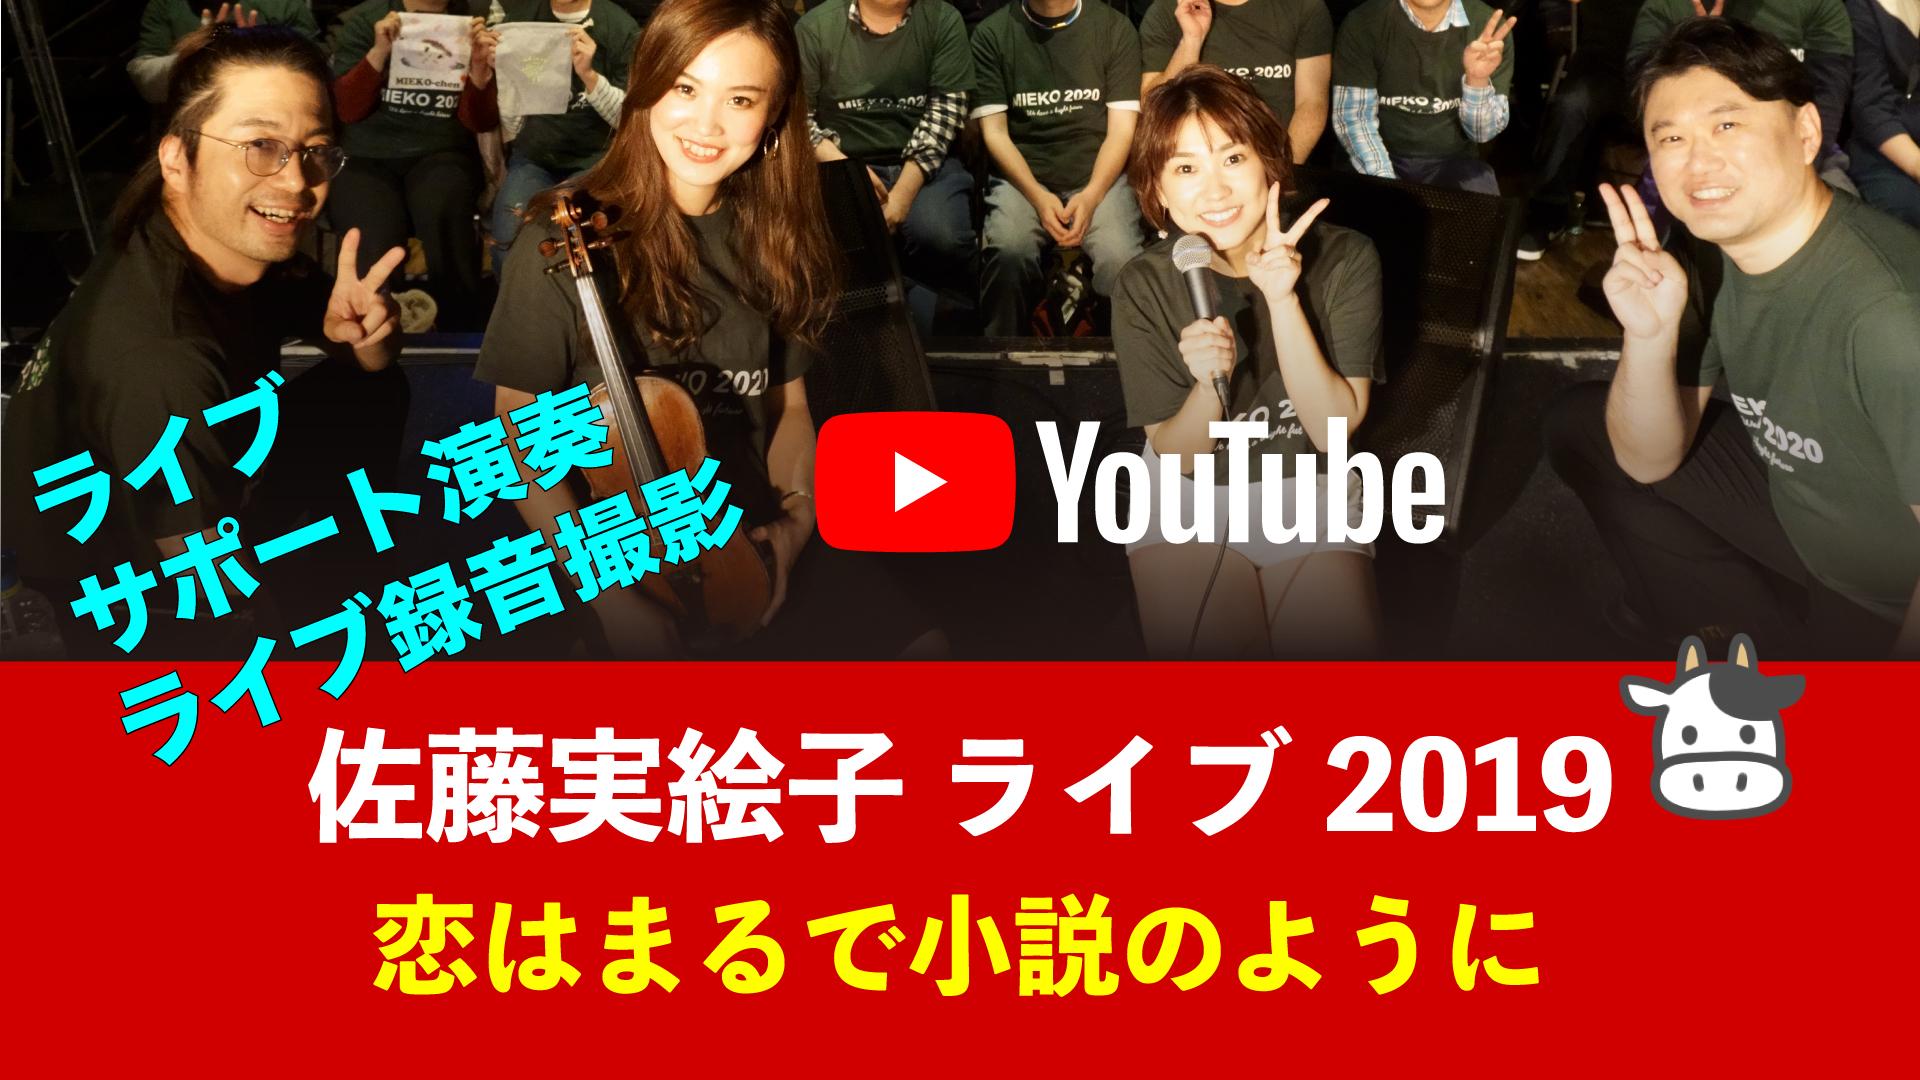 佐藤実絵子-LIVE-2019「恋は小説のように-SPECIAL-VER.」YouTube